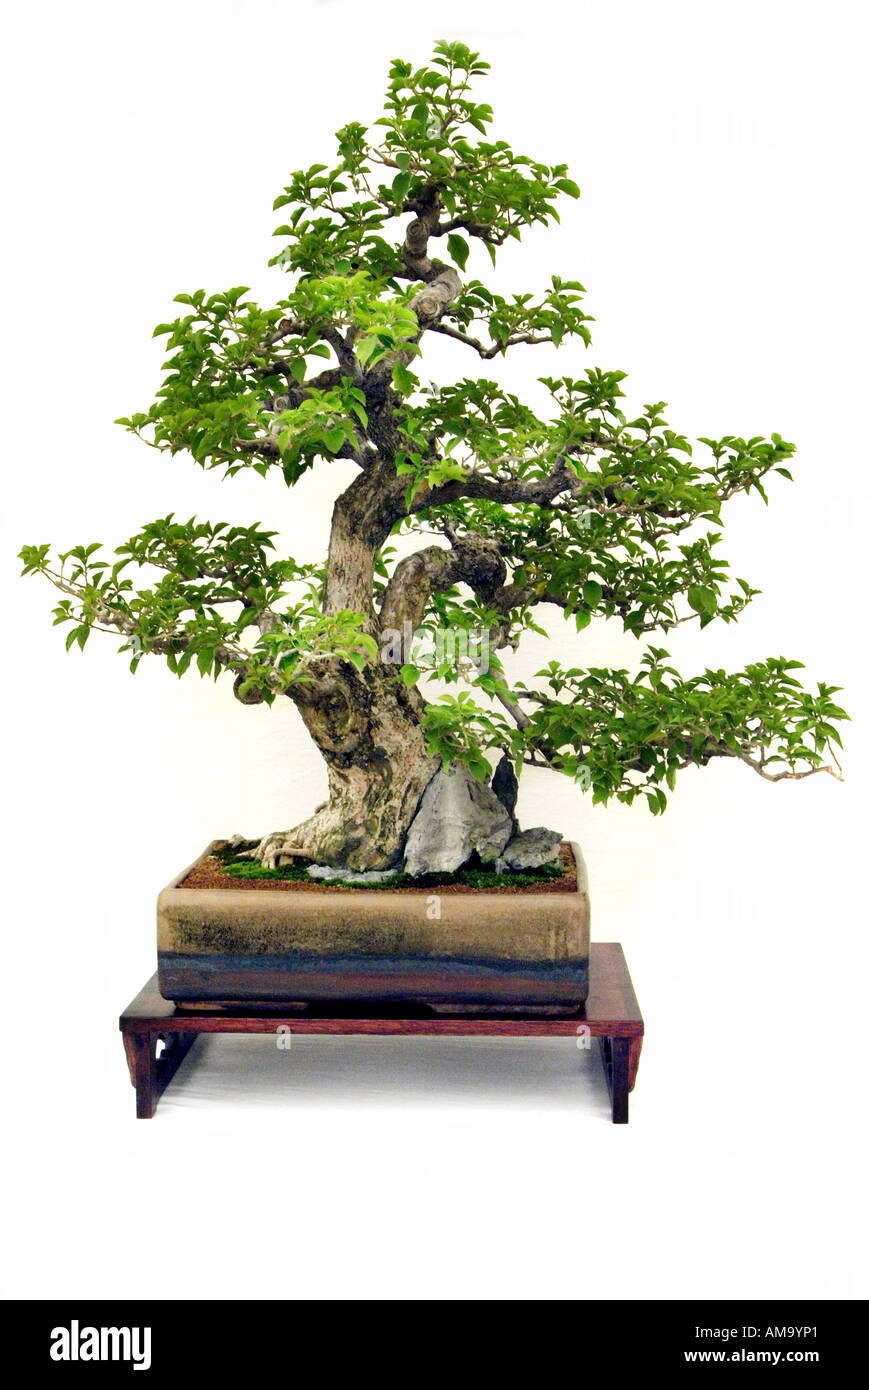 Modèle vertical informel bougainvillea 1920 bonzai bonsai Chinese Chine Japon orient orient oriental de l'Est Banque D'Images